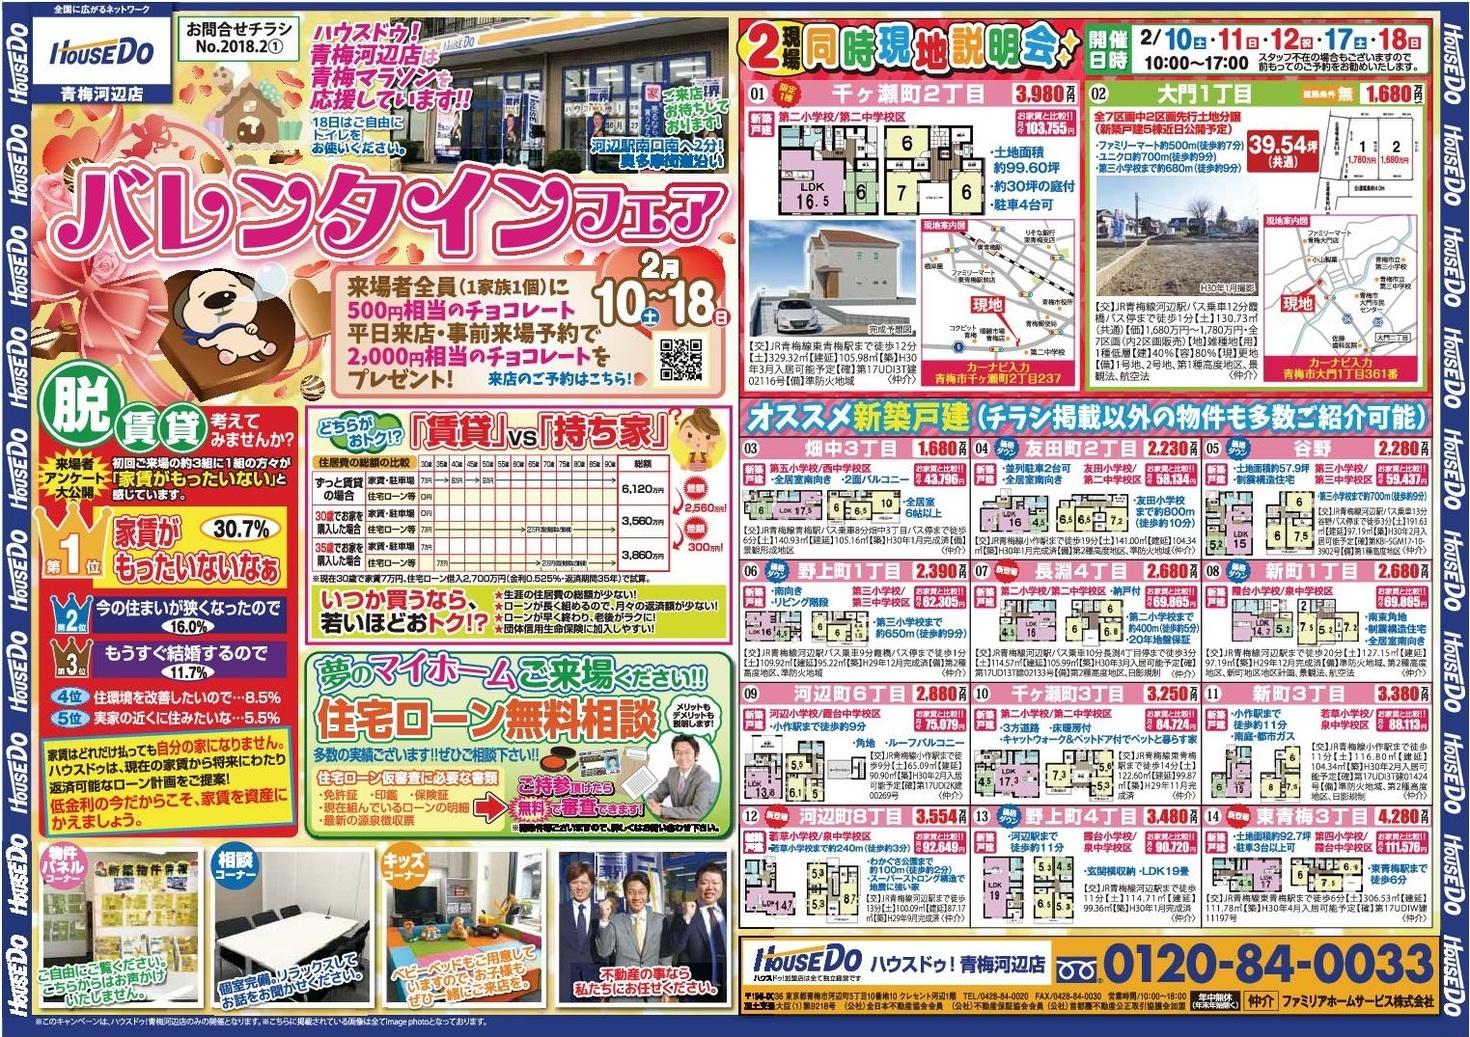 ハウスドゥ!青梅河辺店2/1~2/18までバレンタインキャンペーン開催します!!